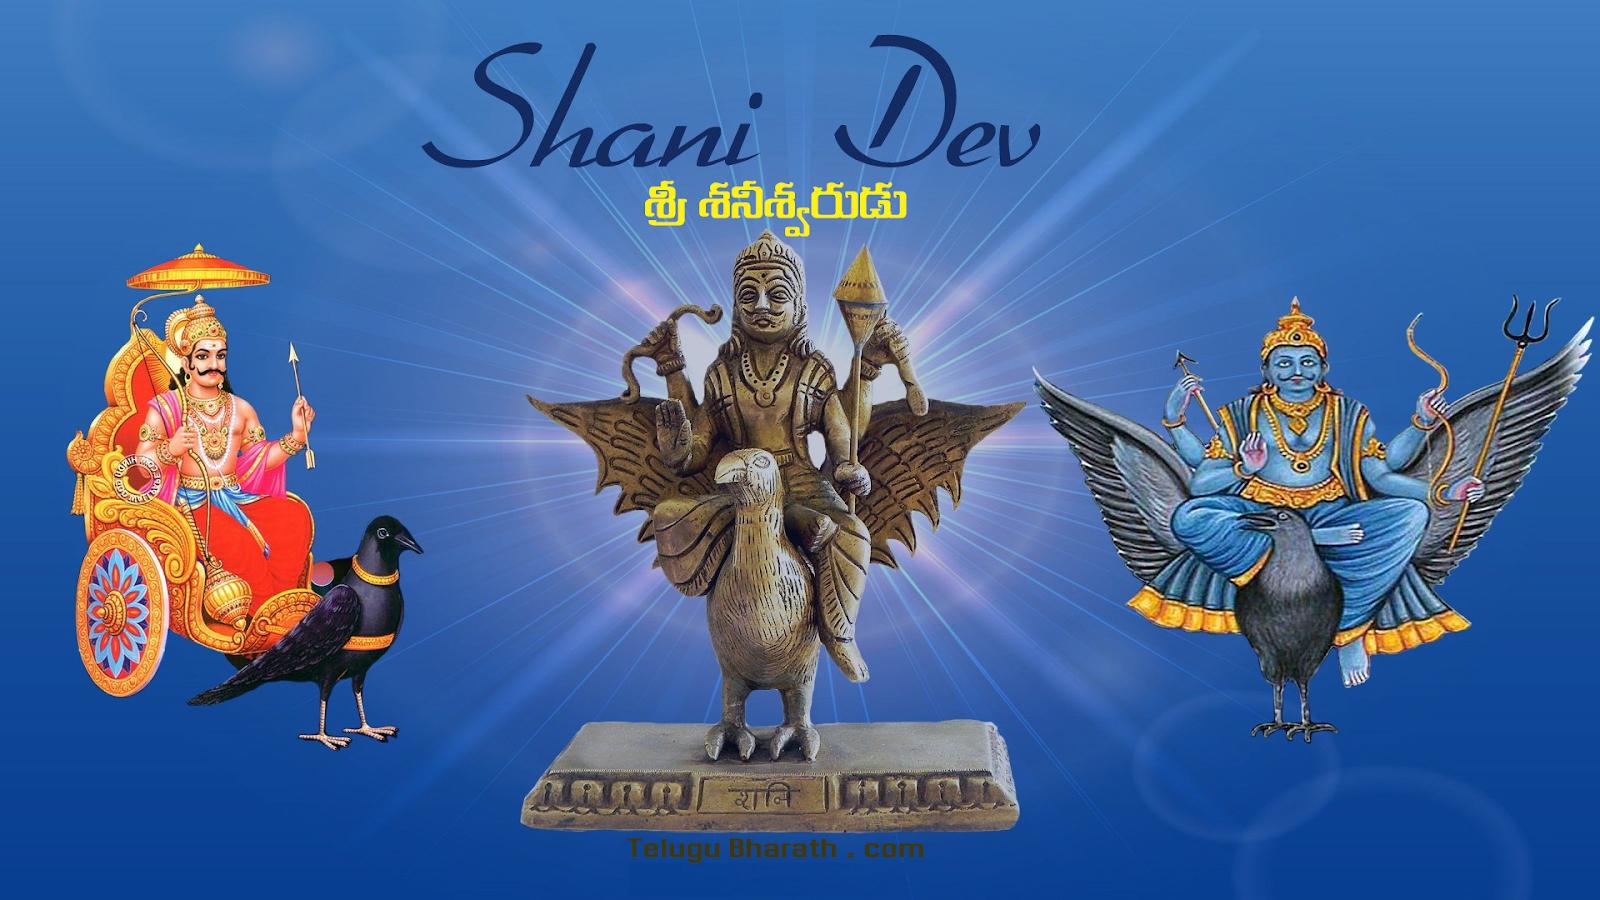 శ్రీ శనీశ్వరుడు - Sri Shaniswara